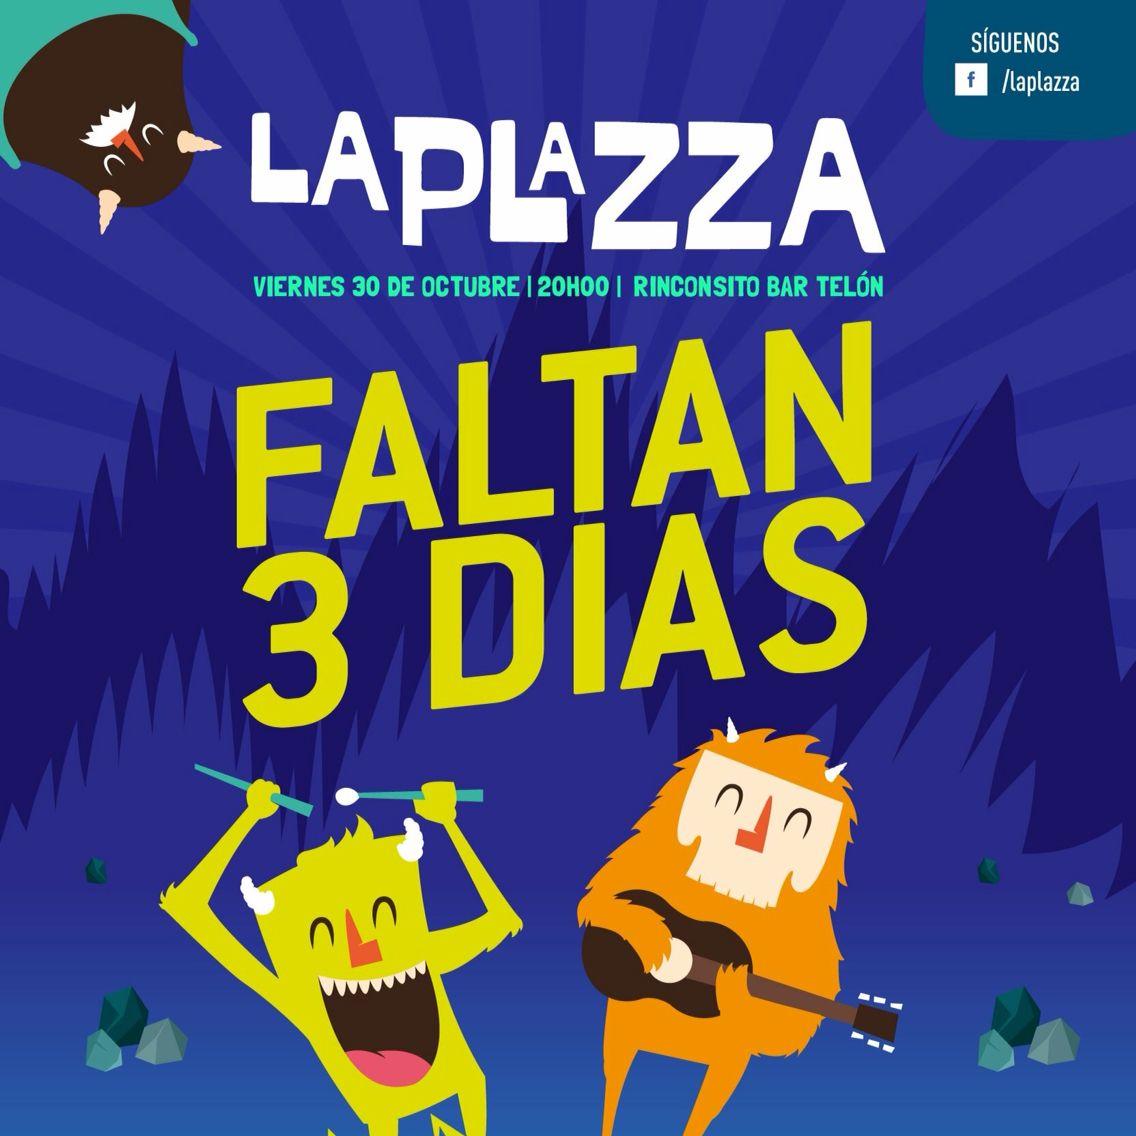 Estamos a solo 3 días! Se viene #LaPlazza2015 ! Ya tienes tus entradas? ::: ENTRADAS YA A LA VENTA::: $10 preventa $15 el día del evento!!! - Cu. gallery >> Principal: La Condamine 13-10 y Bajada de el Vado. Sucursal: Borrero 7-39 entre Sucre y Presidente Córdova - Tienda Maki >> Sucre 14-96 y Coronel Talbot - Udafe Universidad del Azuay - Aso Diseño UDA